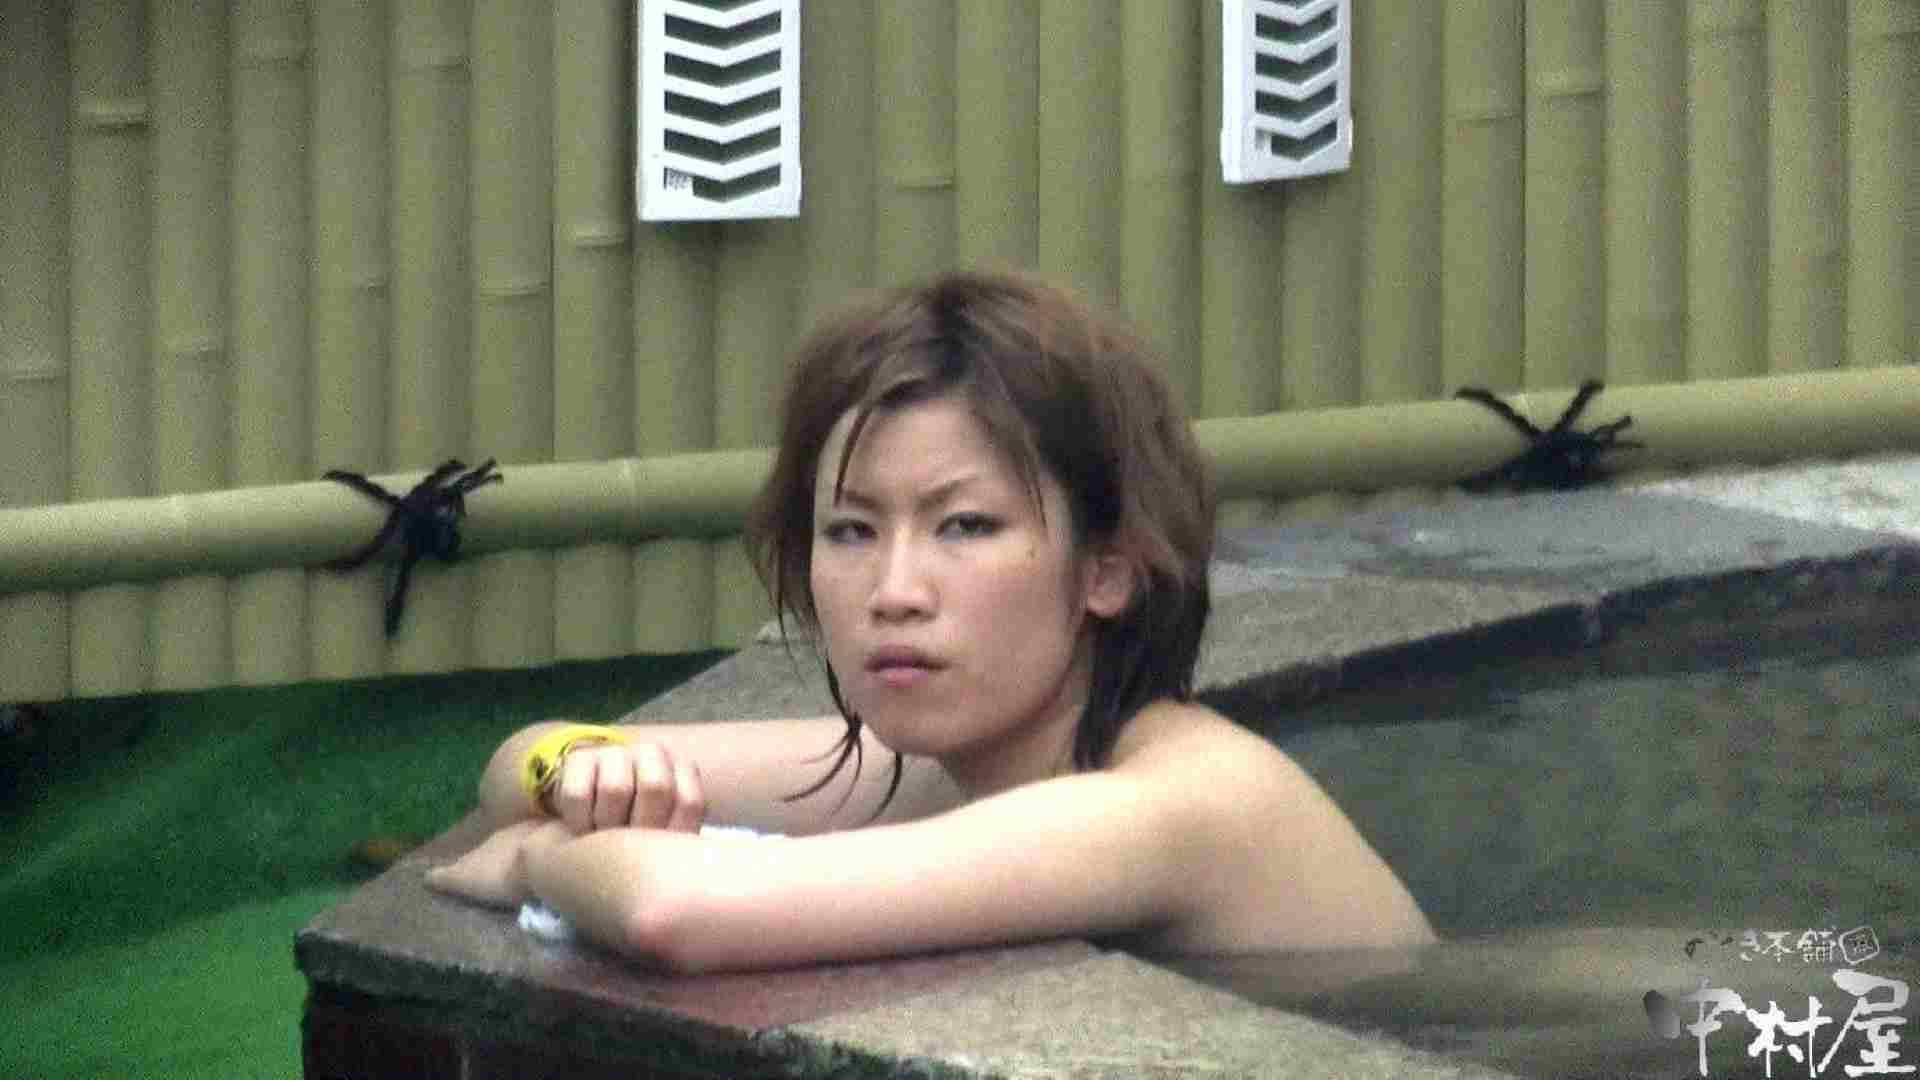 Aquaな露天風呂Vol.918 OL  101pic 18